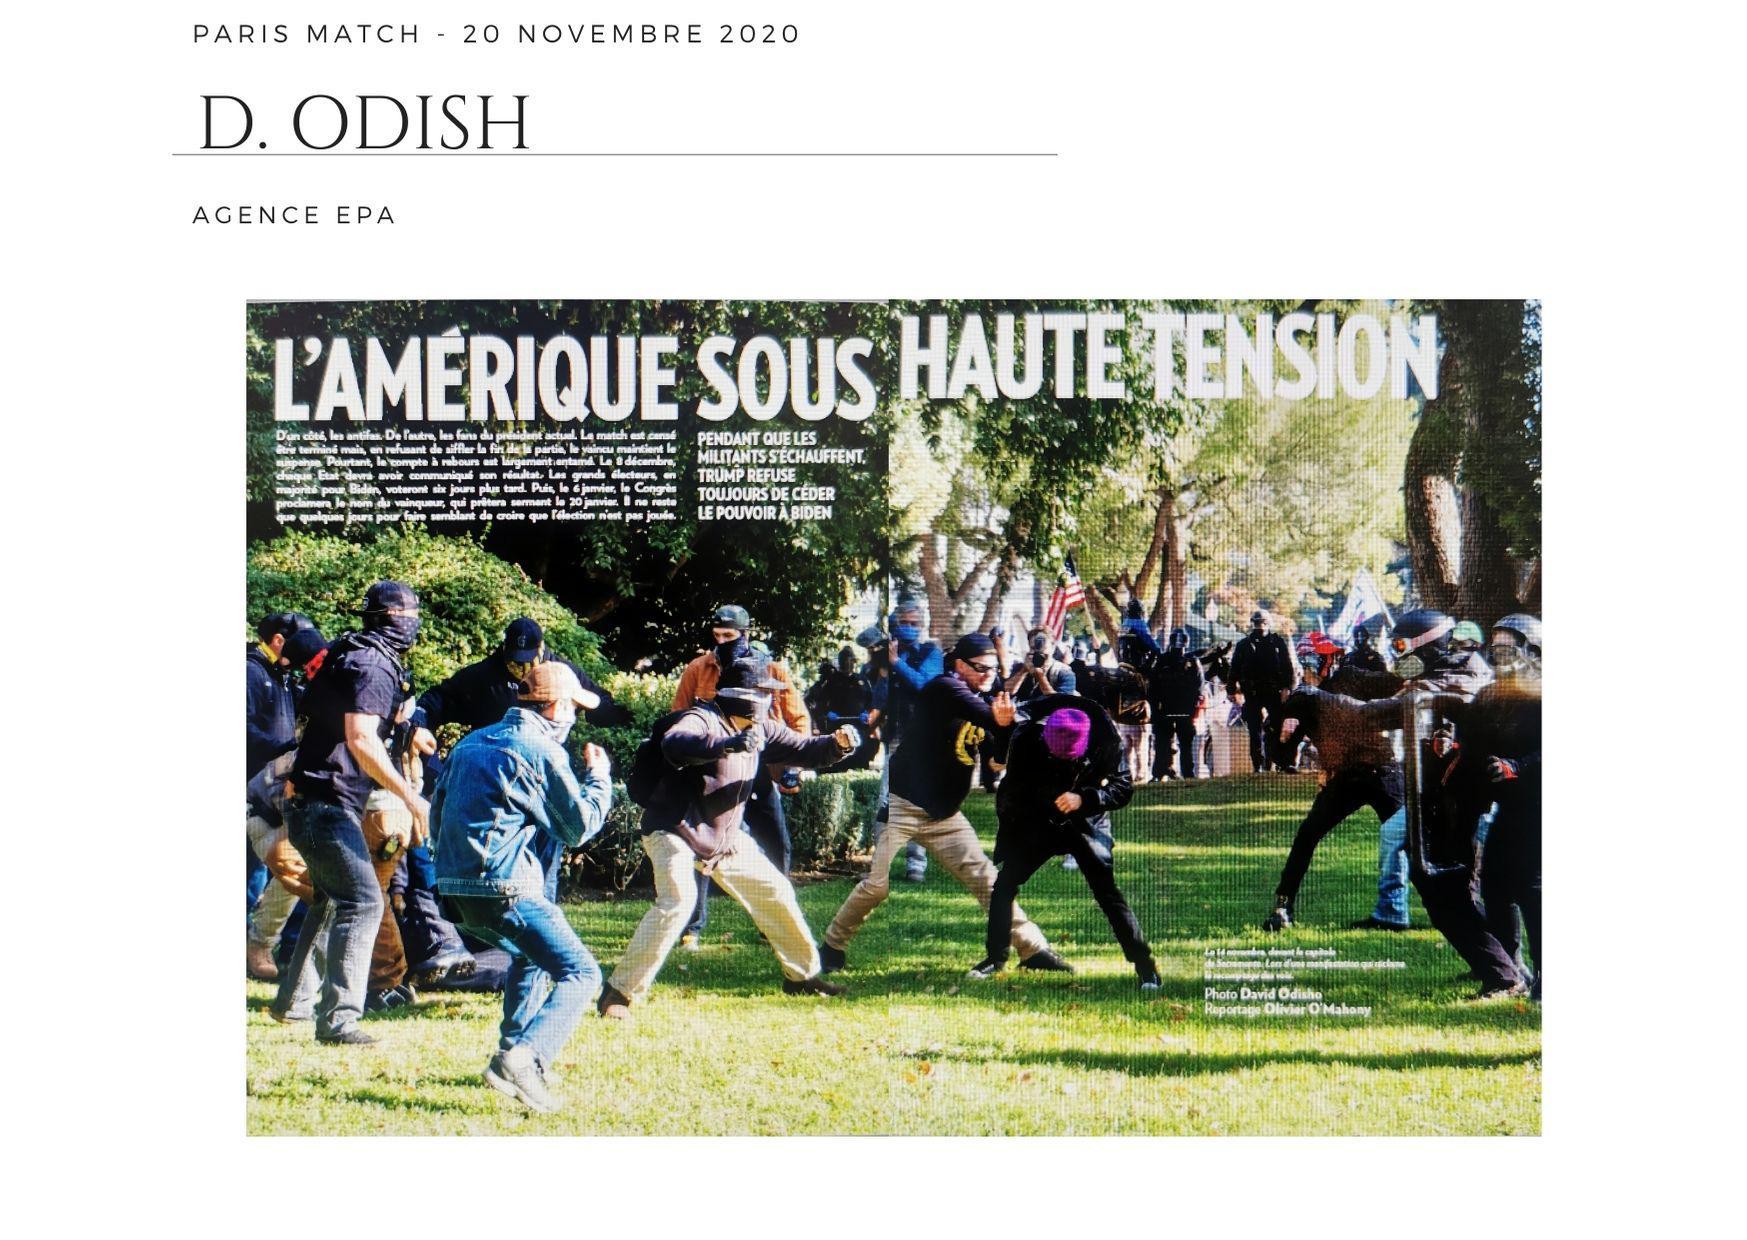 Paris Match - 20 novembre 2020